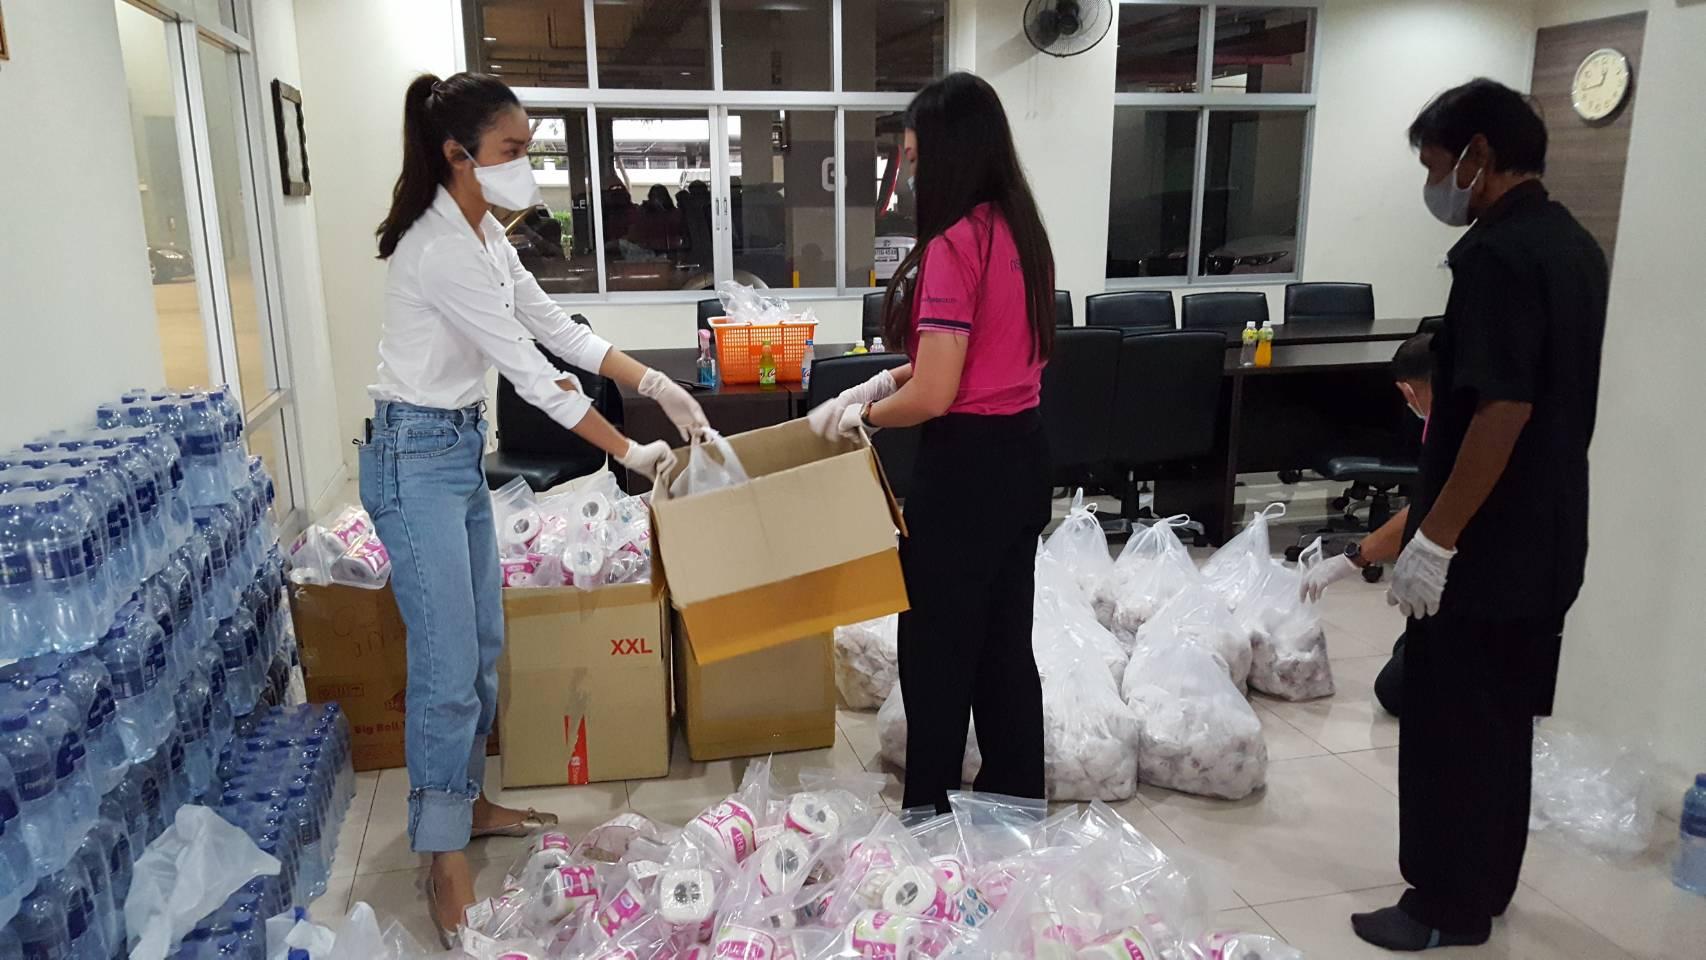 มิสไทยแลนด์เวิลด์ 2015 ร่วมกับเพื่อนจัดเครื่องอุปโภค-บริโภค แจกผู้ที่ลำบากย่านสวนลุมพินี